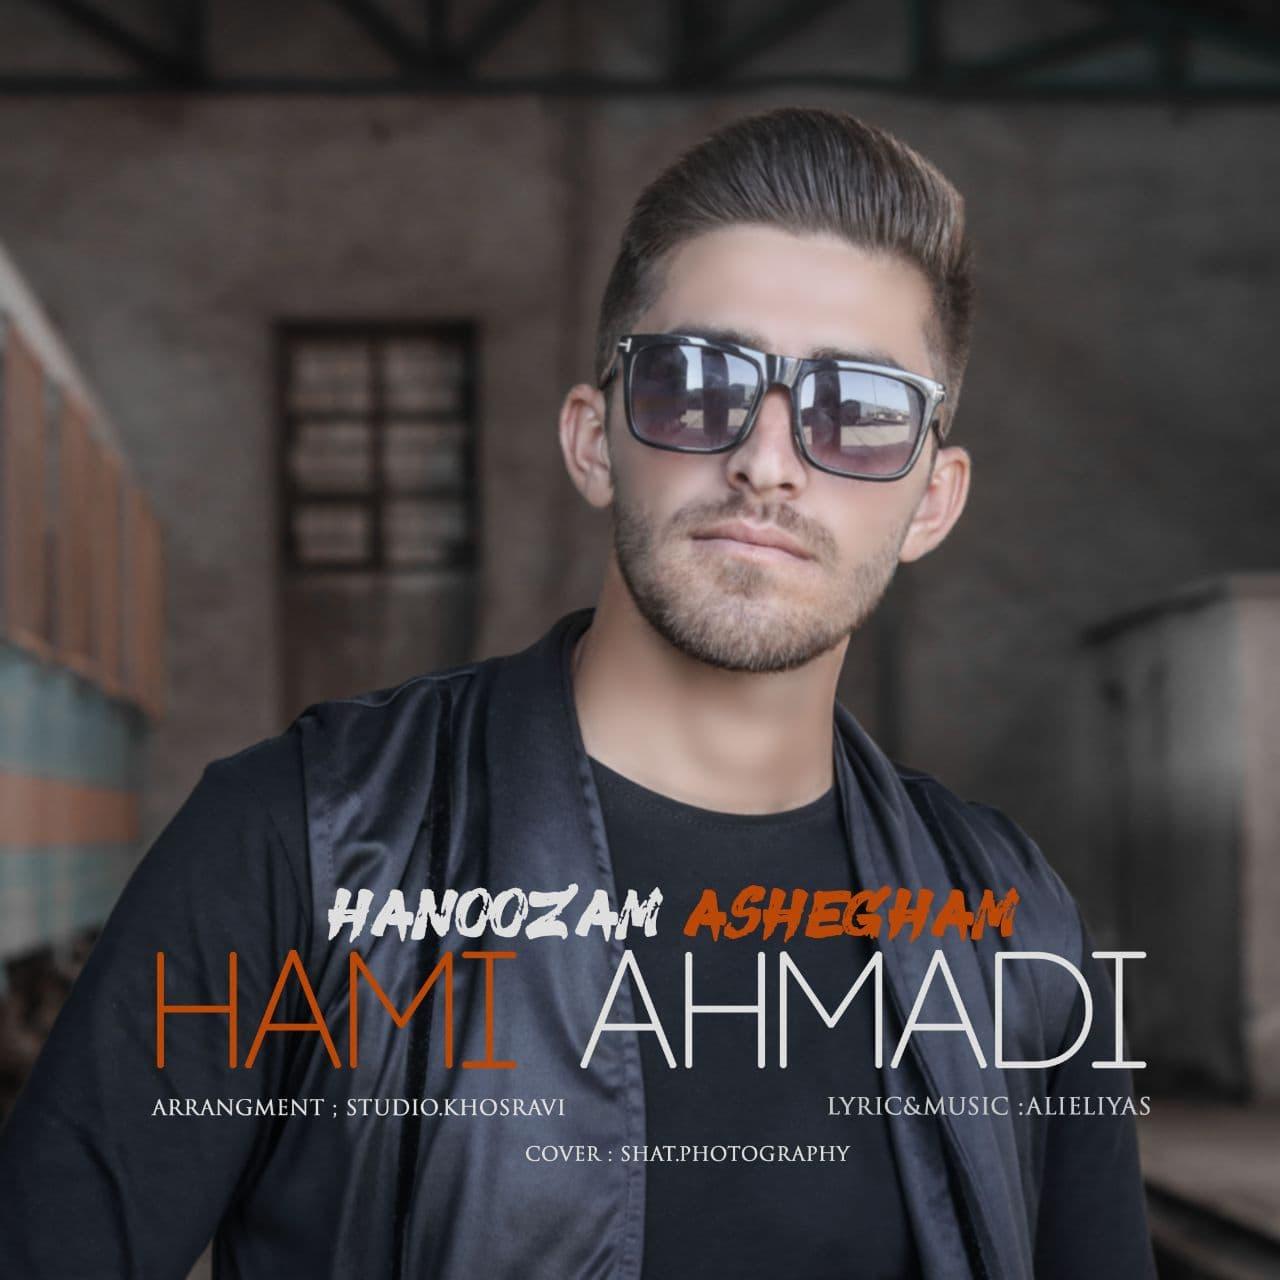 دانلود موزیک جدید هنوزم عاشقم از حامی احمدی